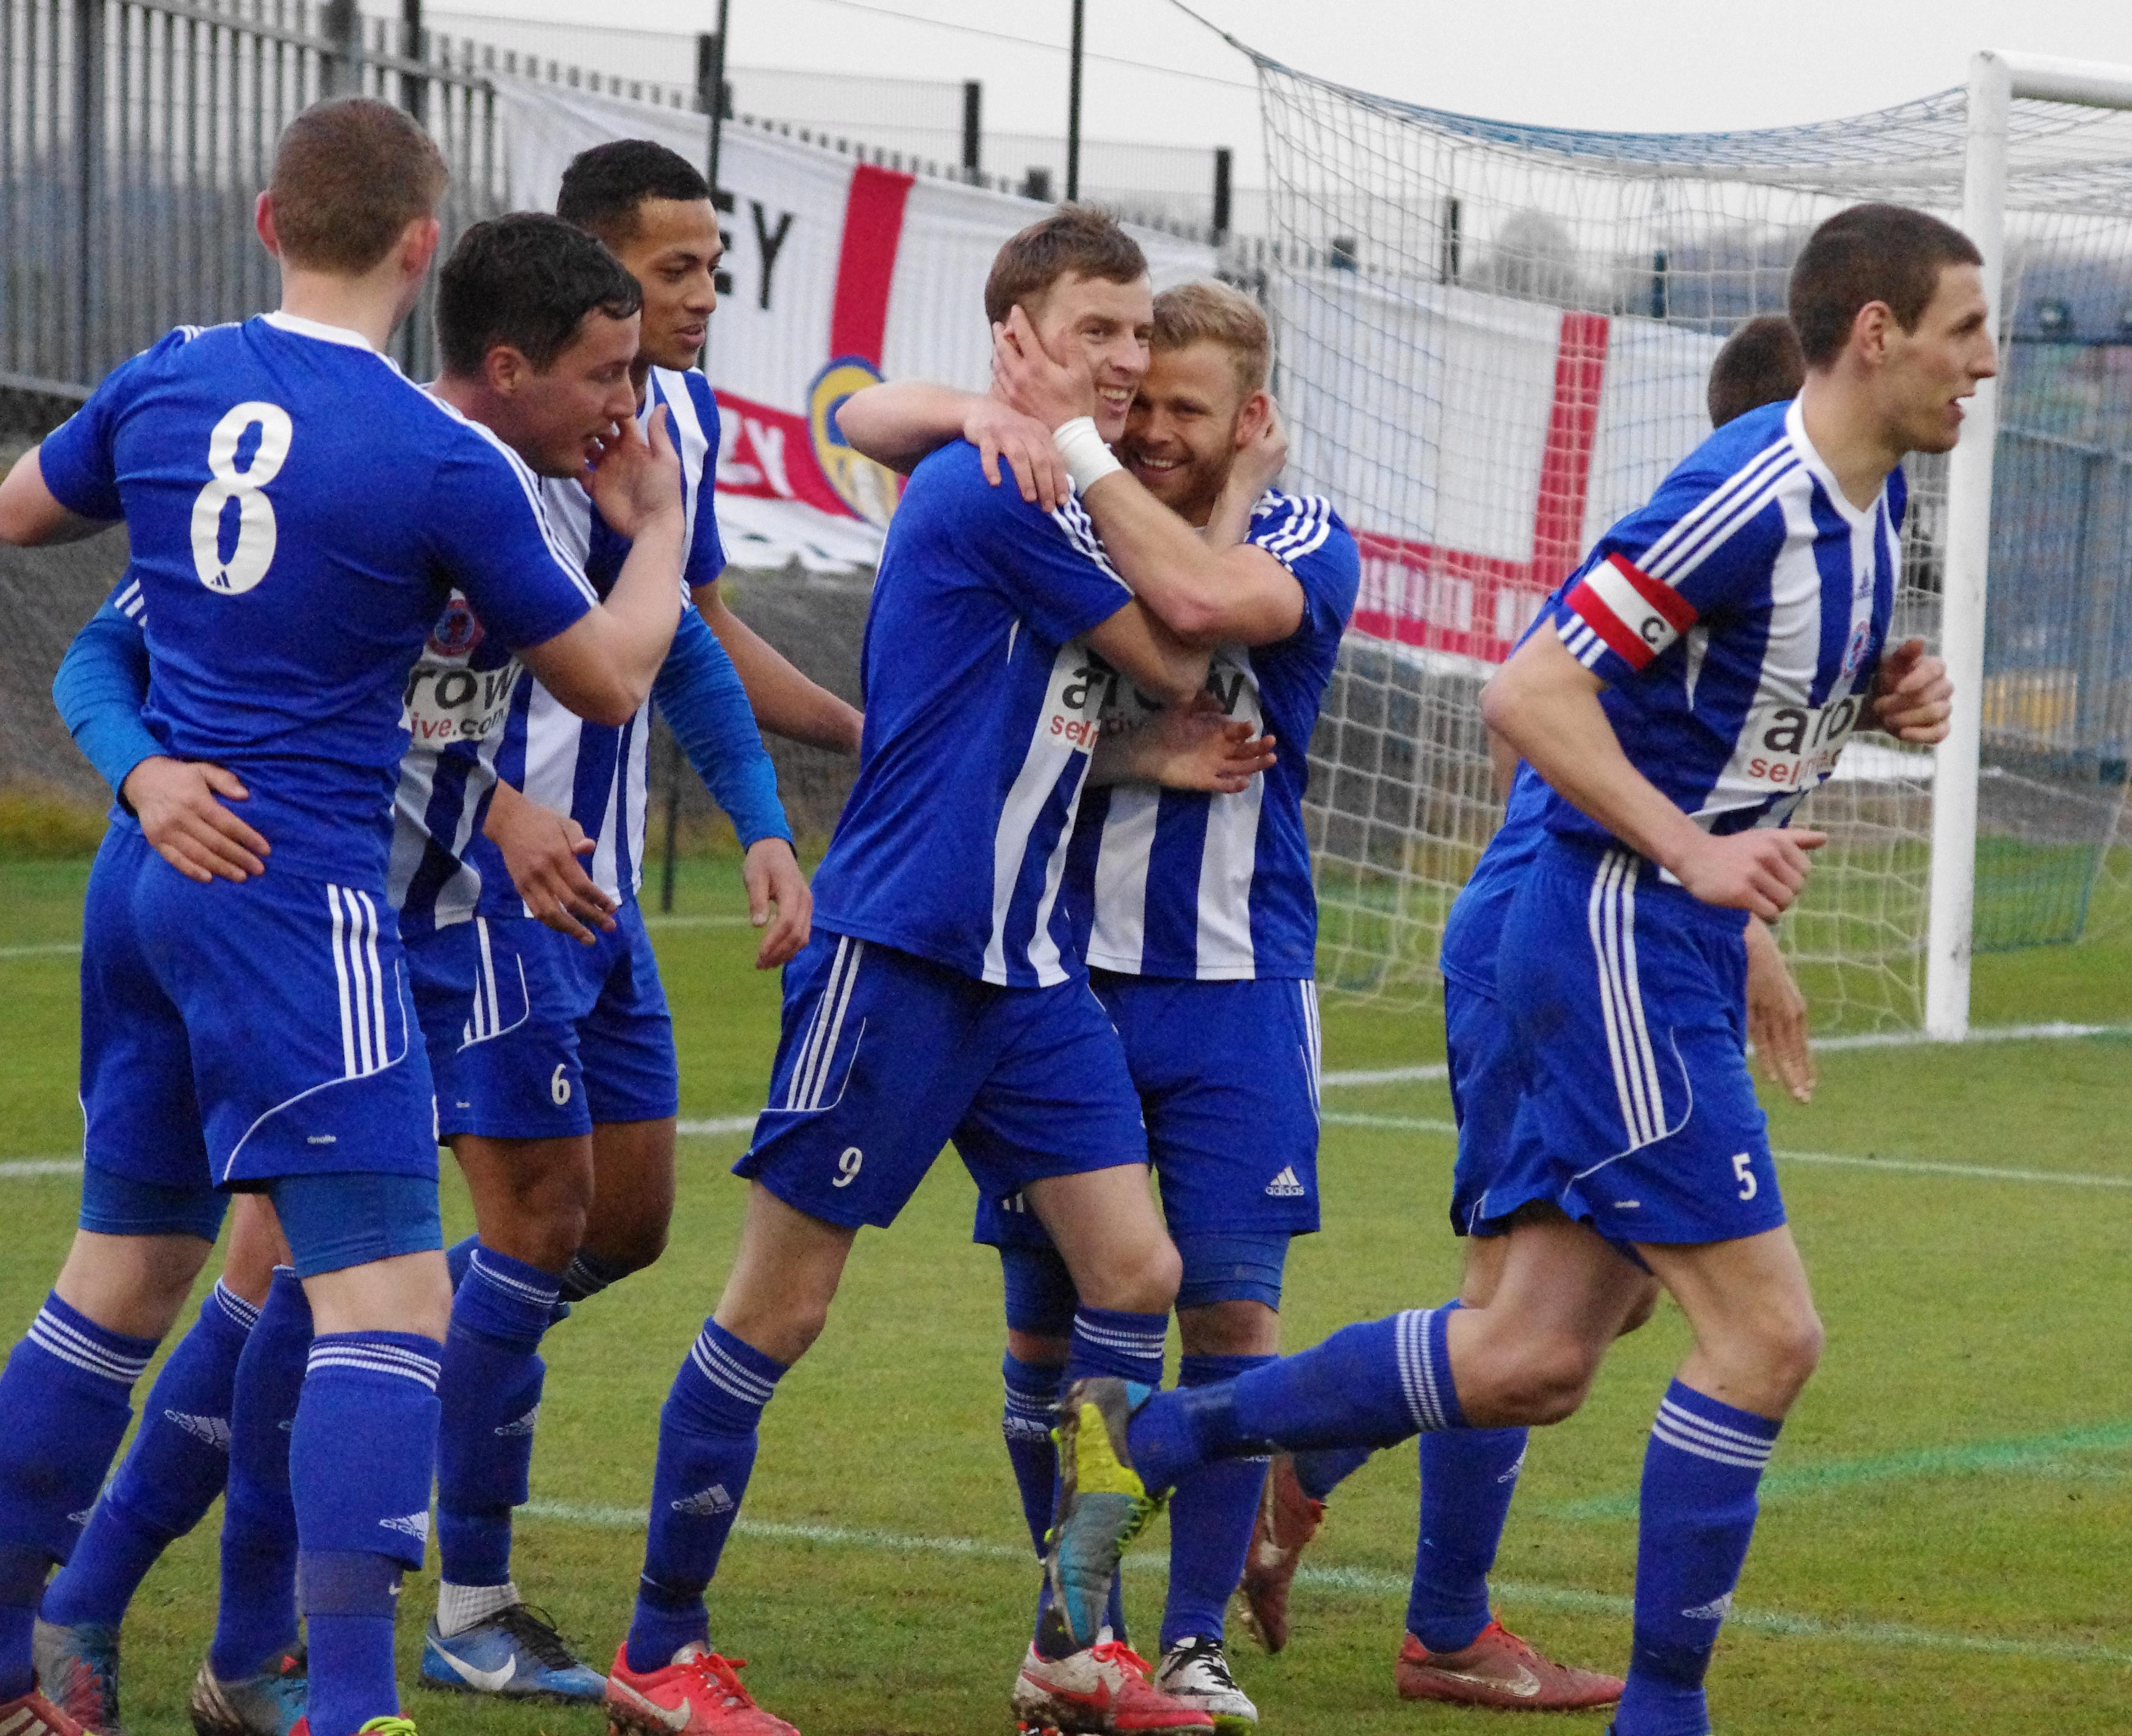 Shane Kelsey celebrates his goal